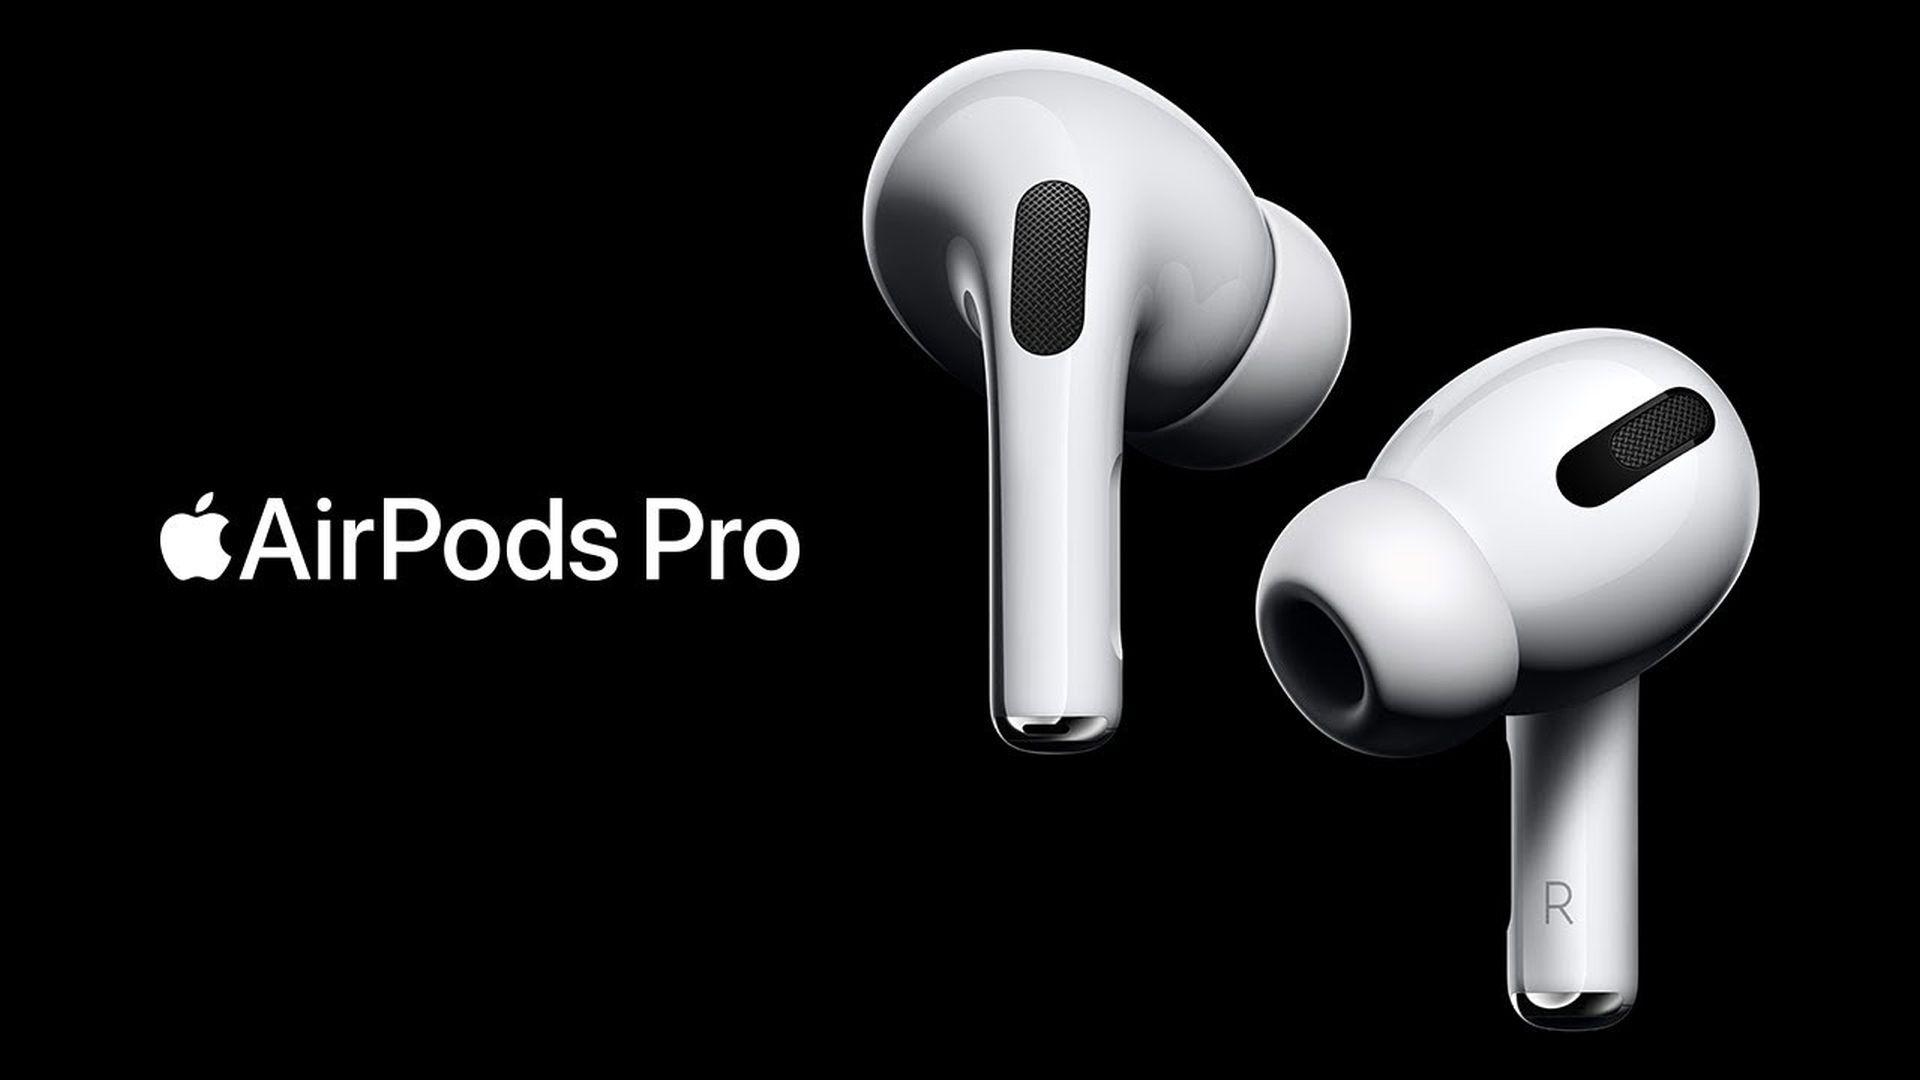 Firma Apple powiększyła dwukrotnie produkcję AirPods Pro